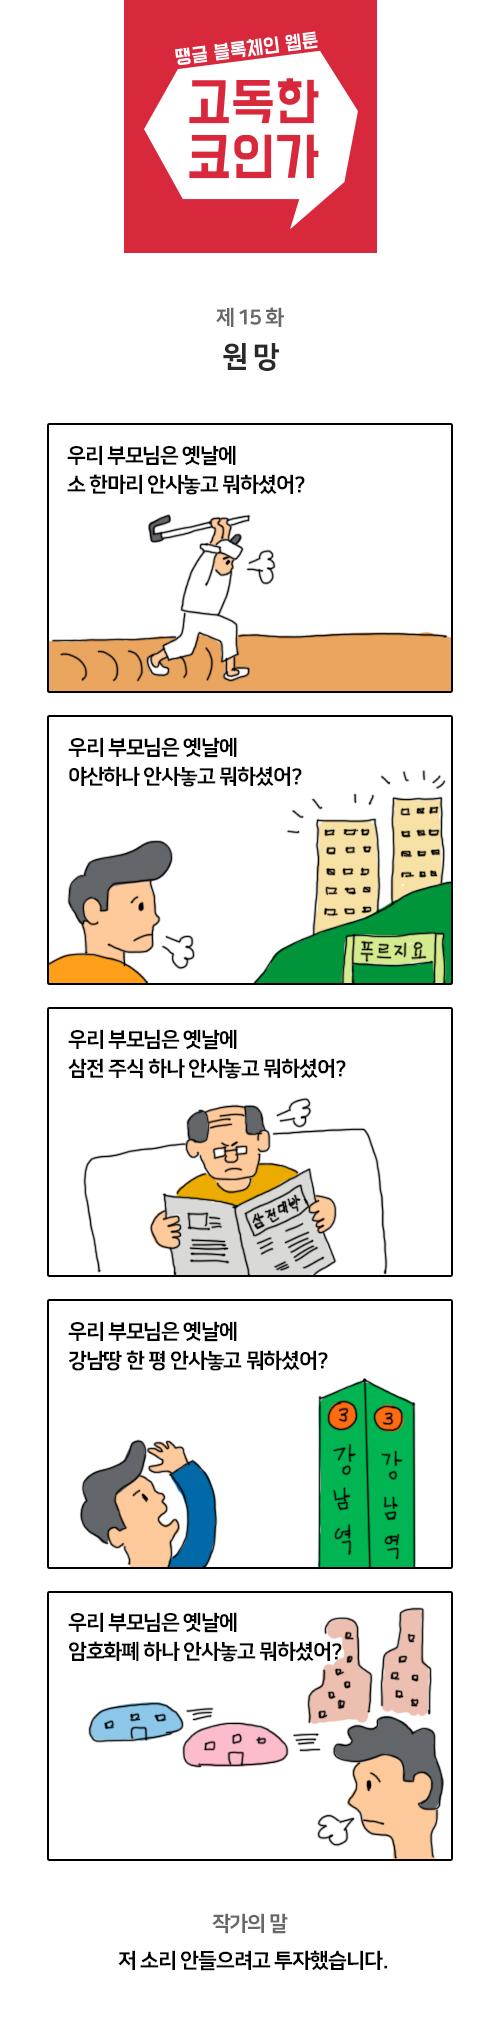 고독한코인가_15화.jpg